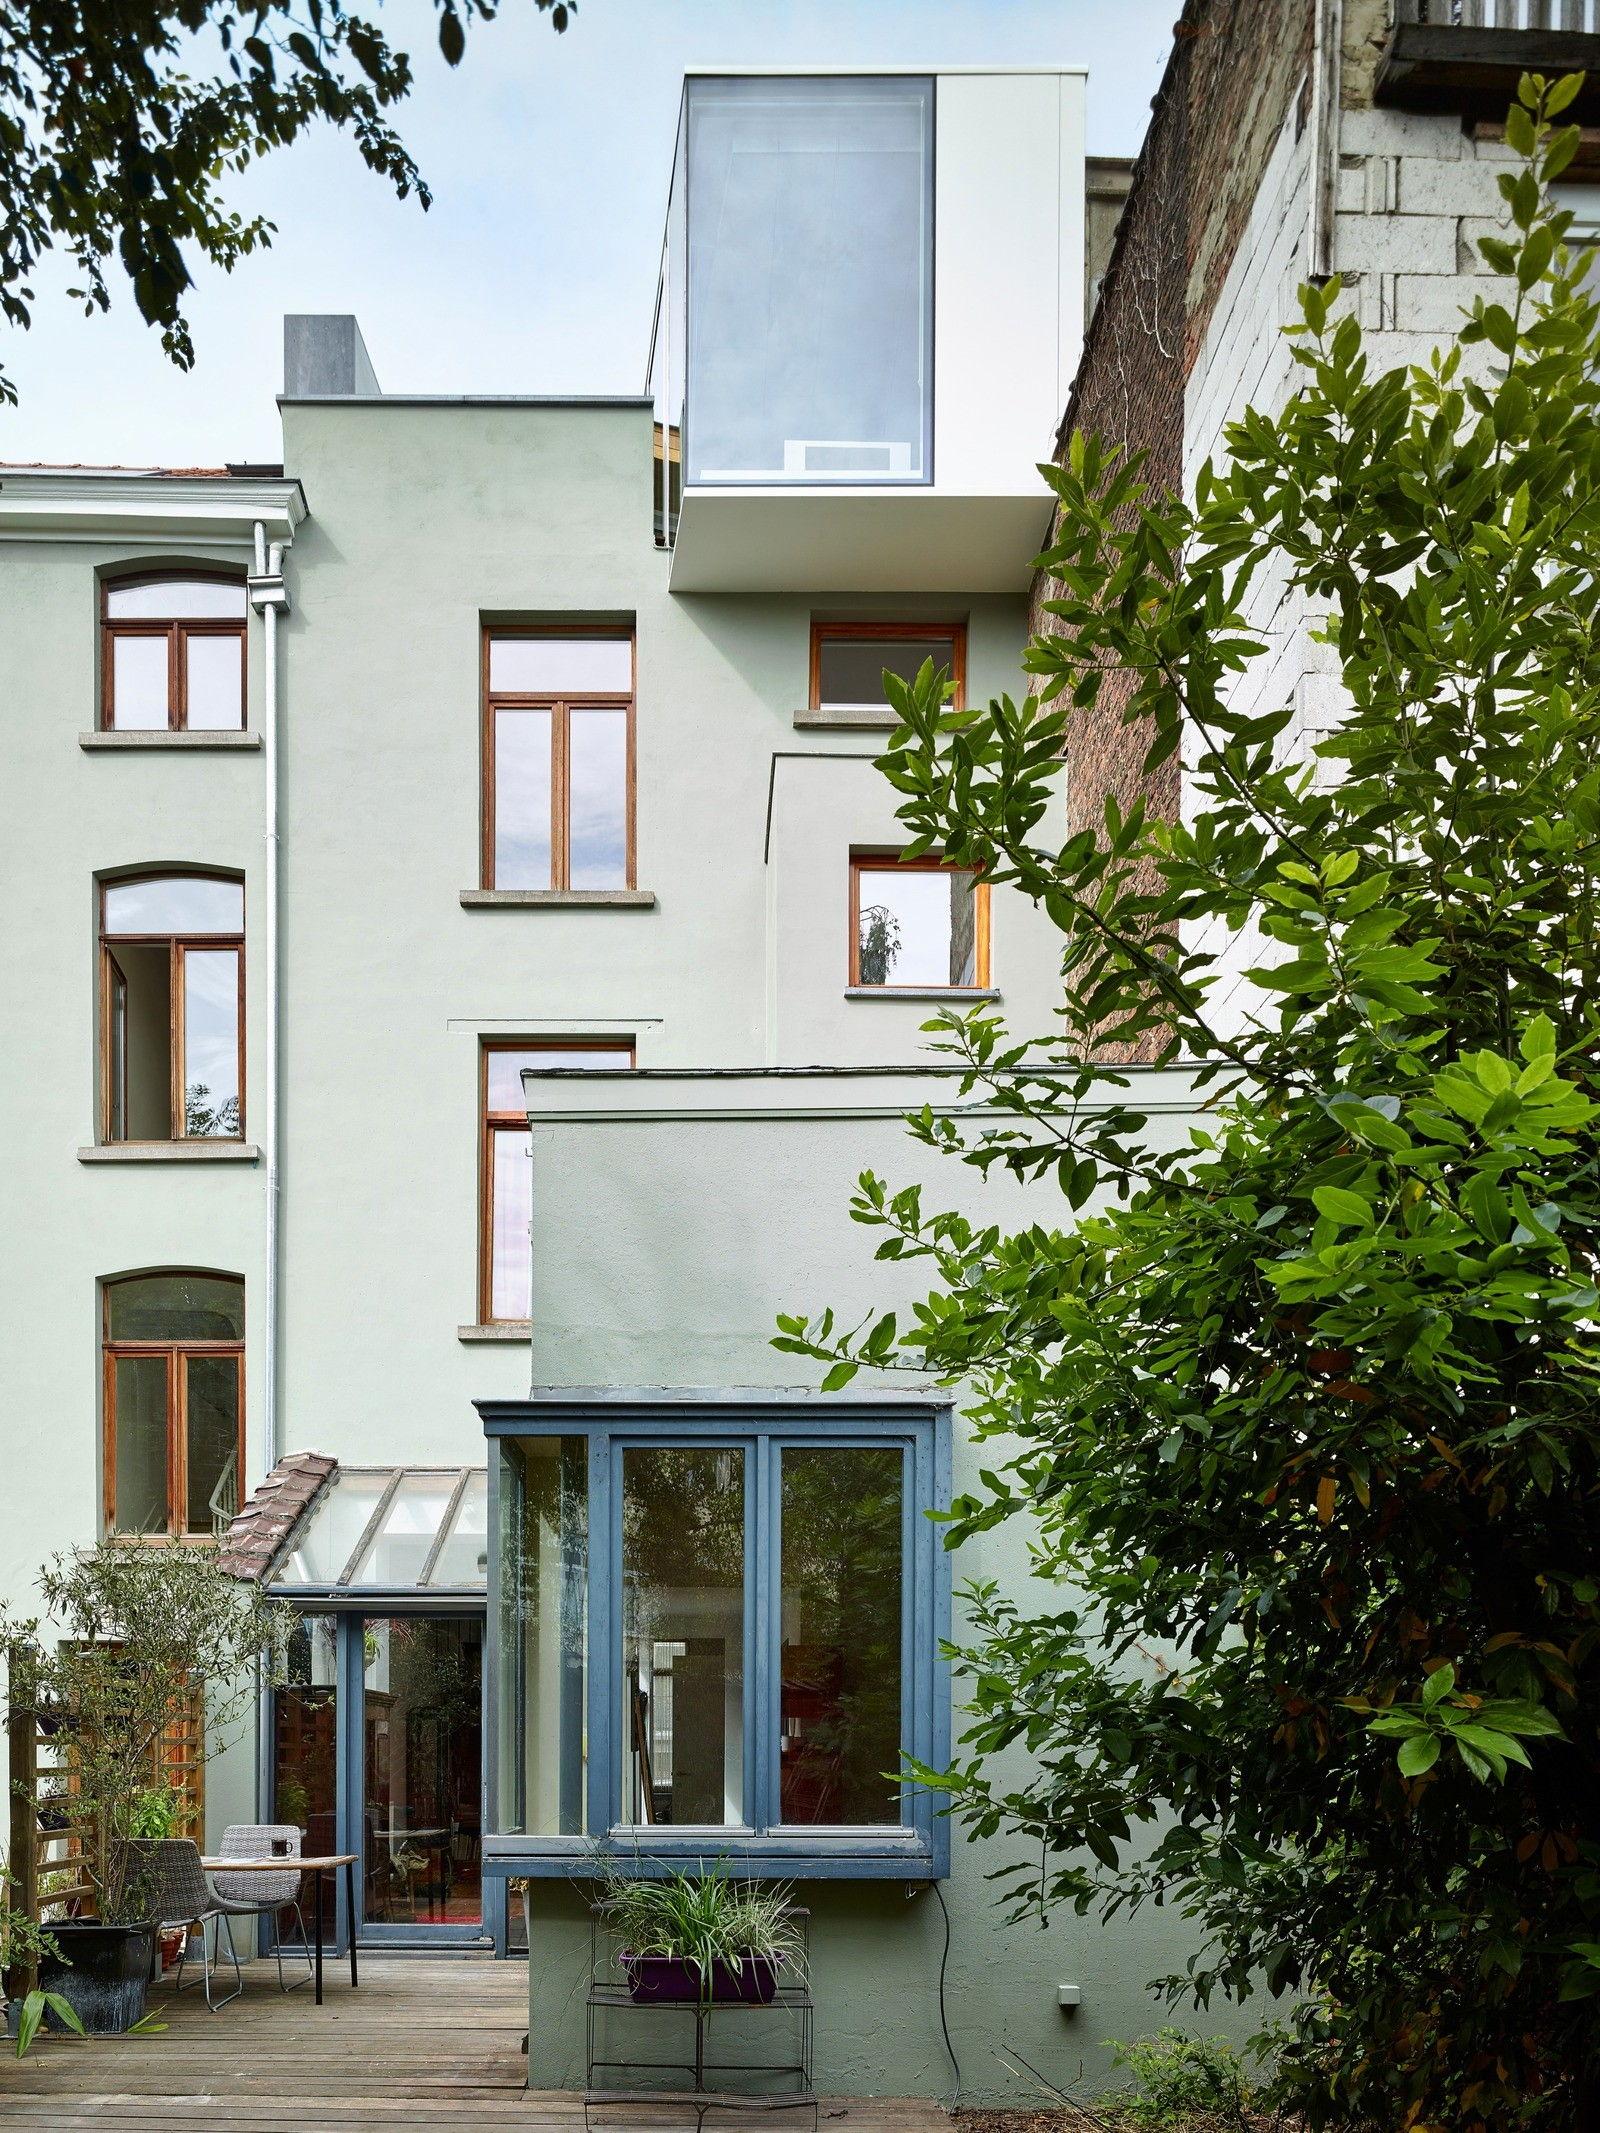 House-in-Belgium-just3ds.com-22